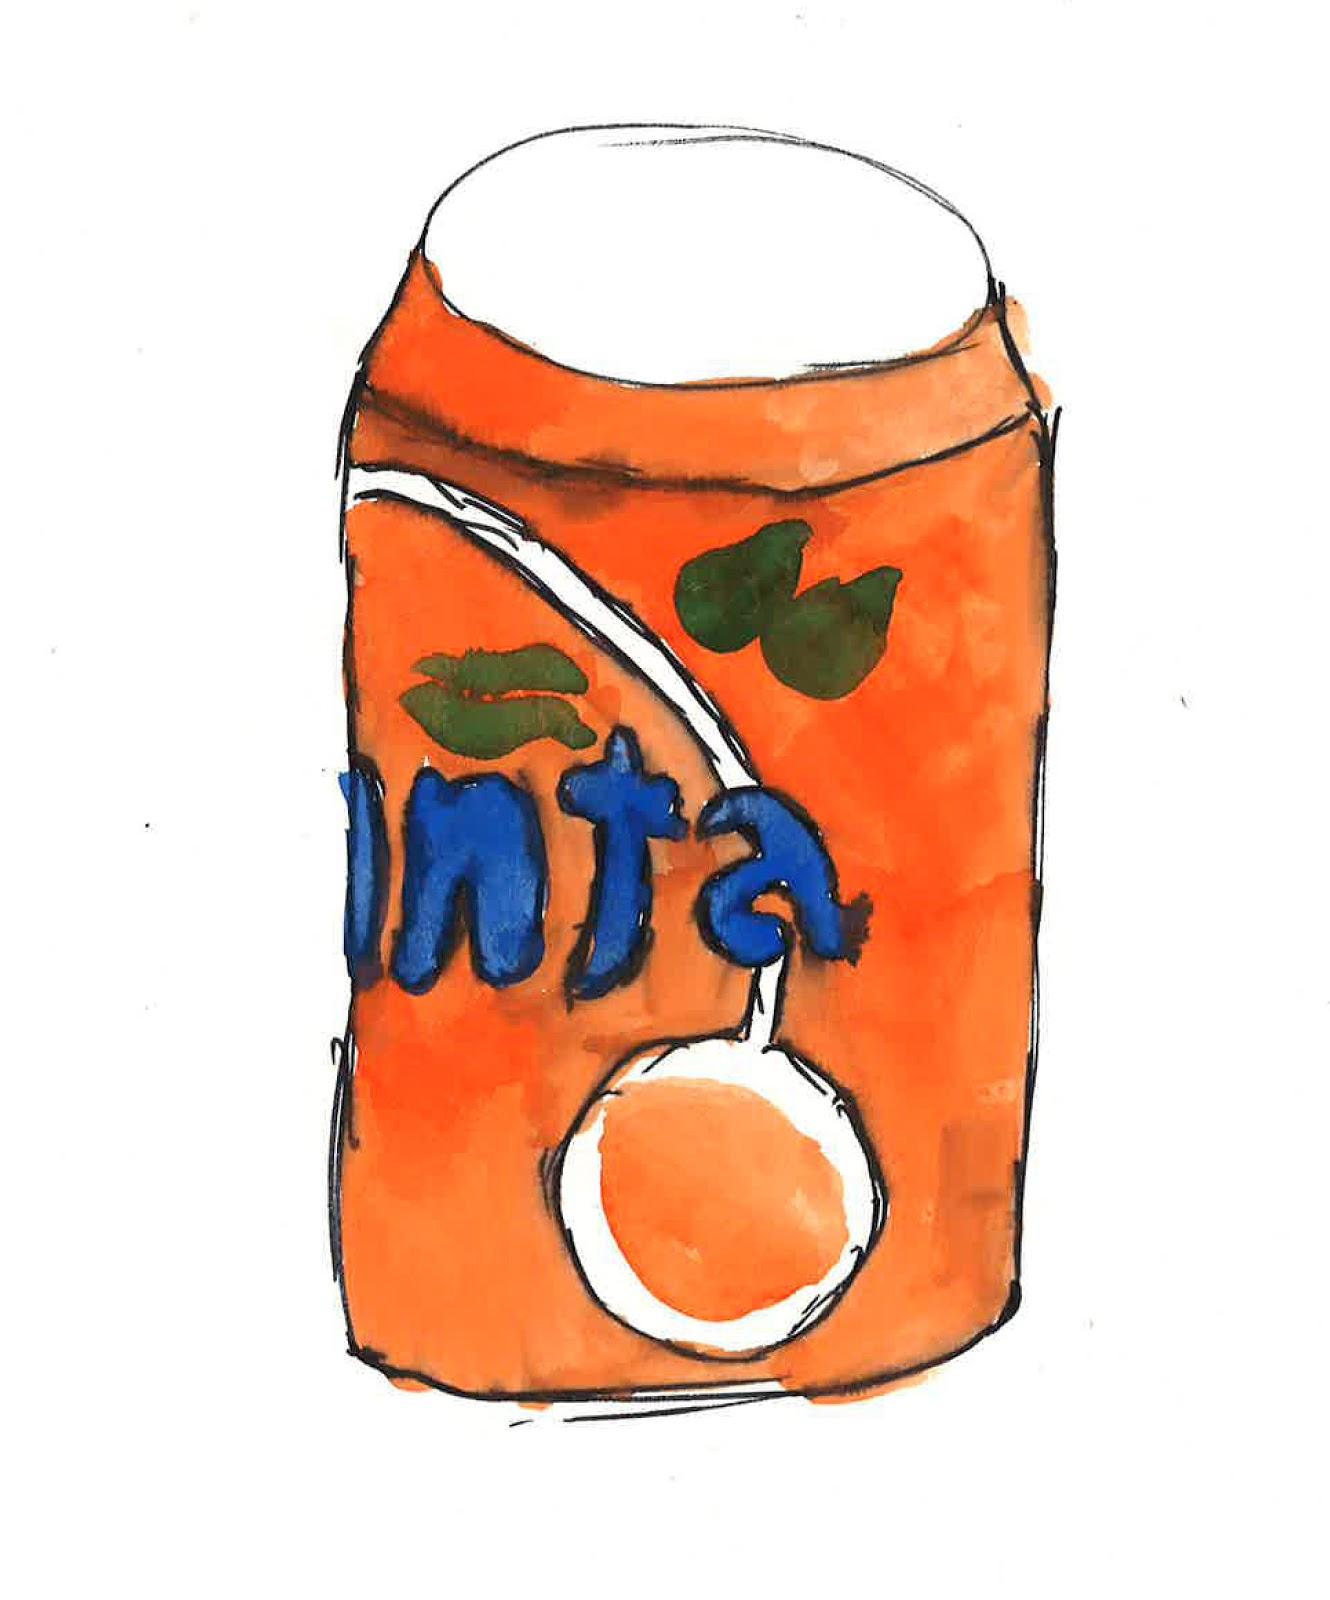 drawing-of-orange